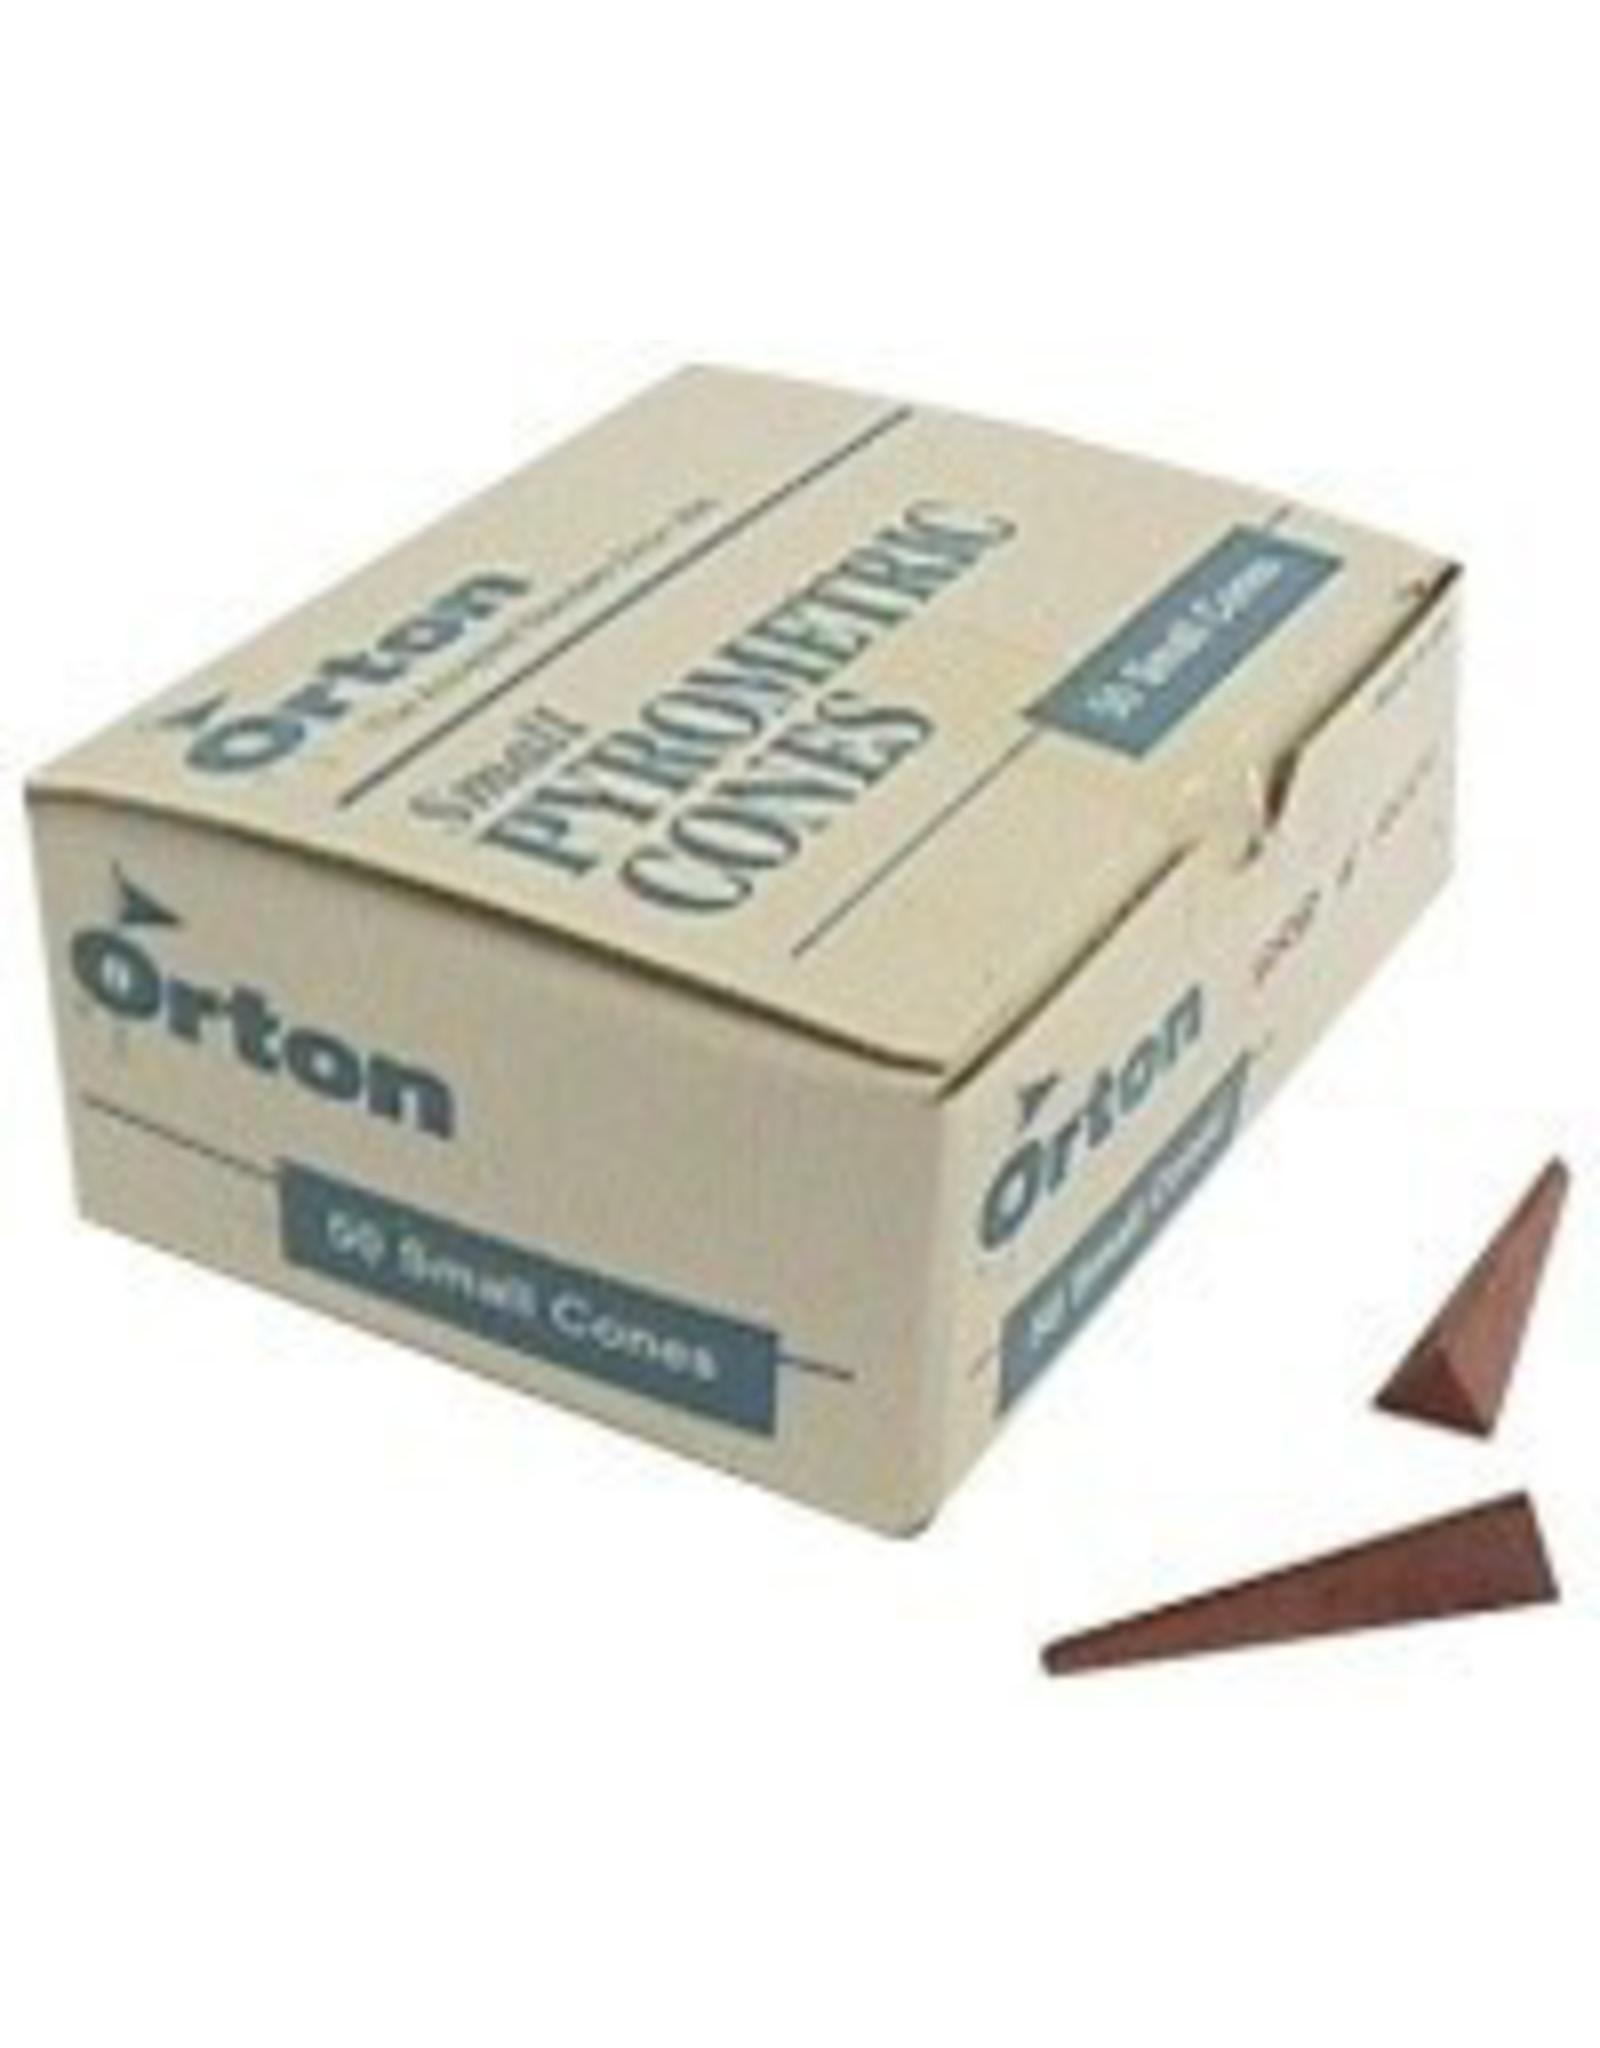 Orton Orton midget cone 9